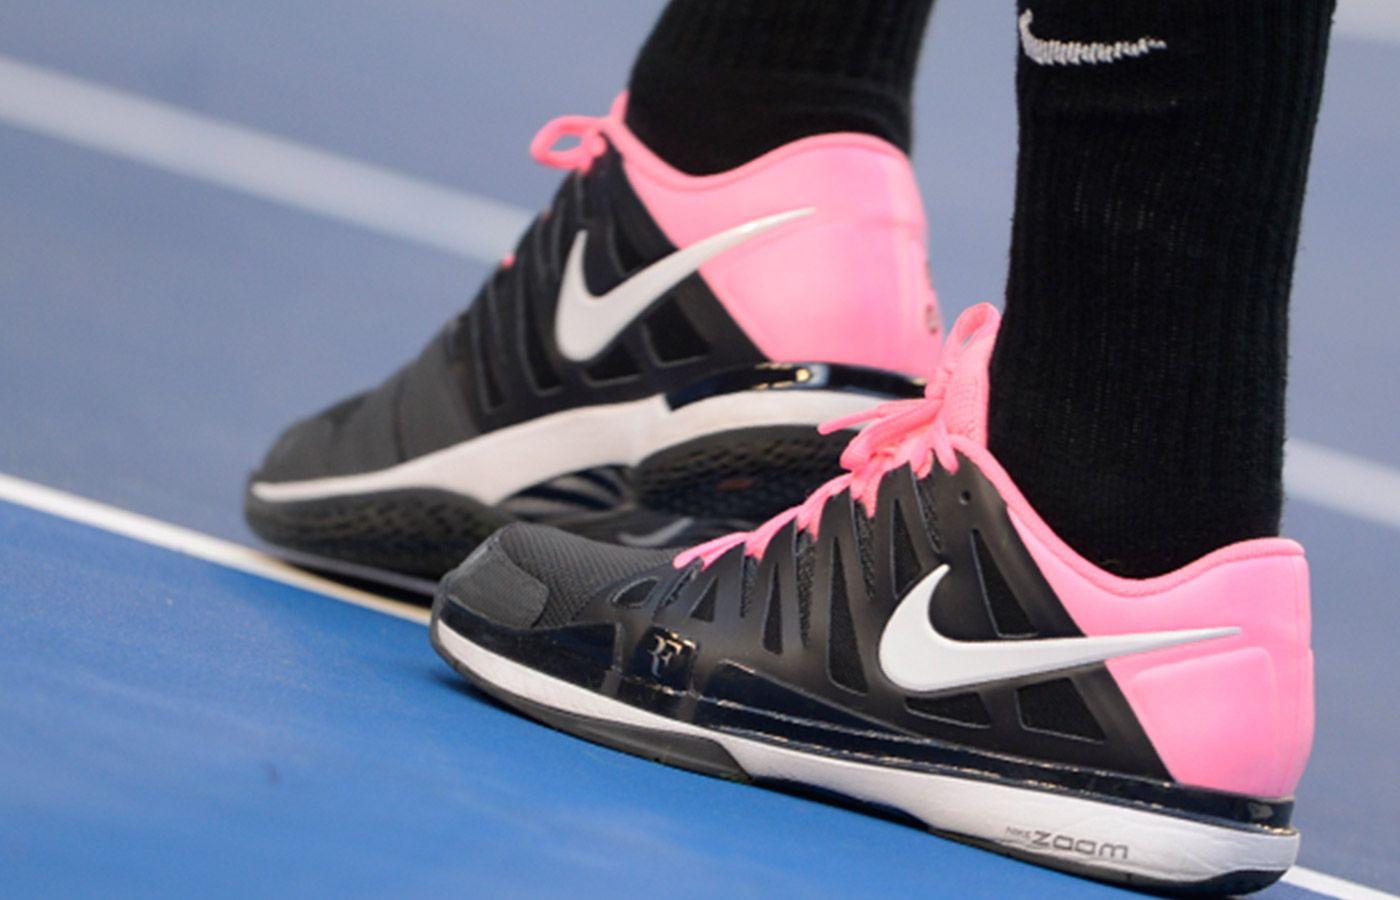 vente explorer Nike Roshe Courir Toutes Les Femmes Noires Champion De  Tennis Australian 2018 pas cher